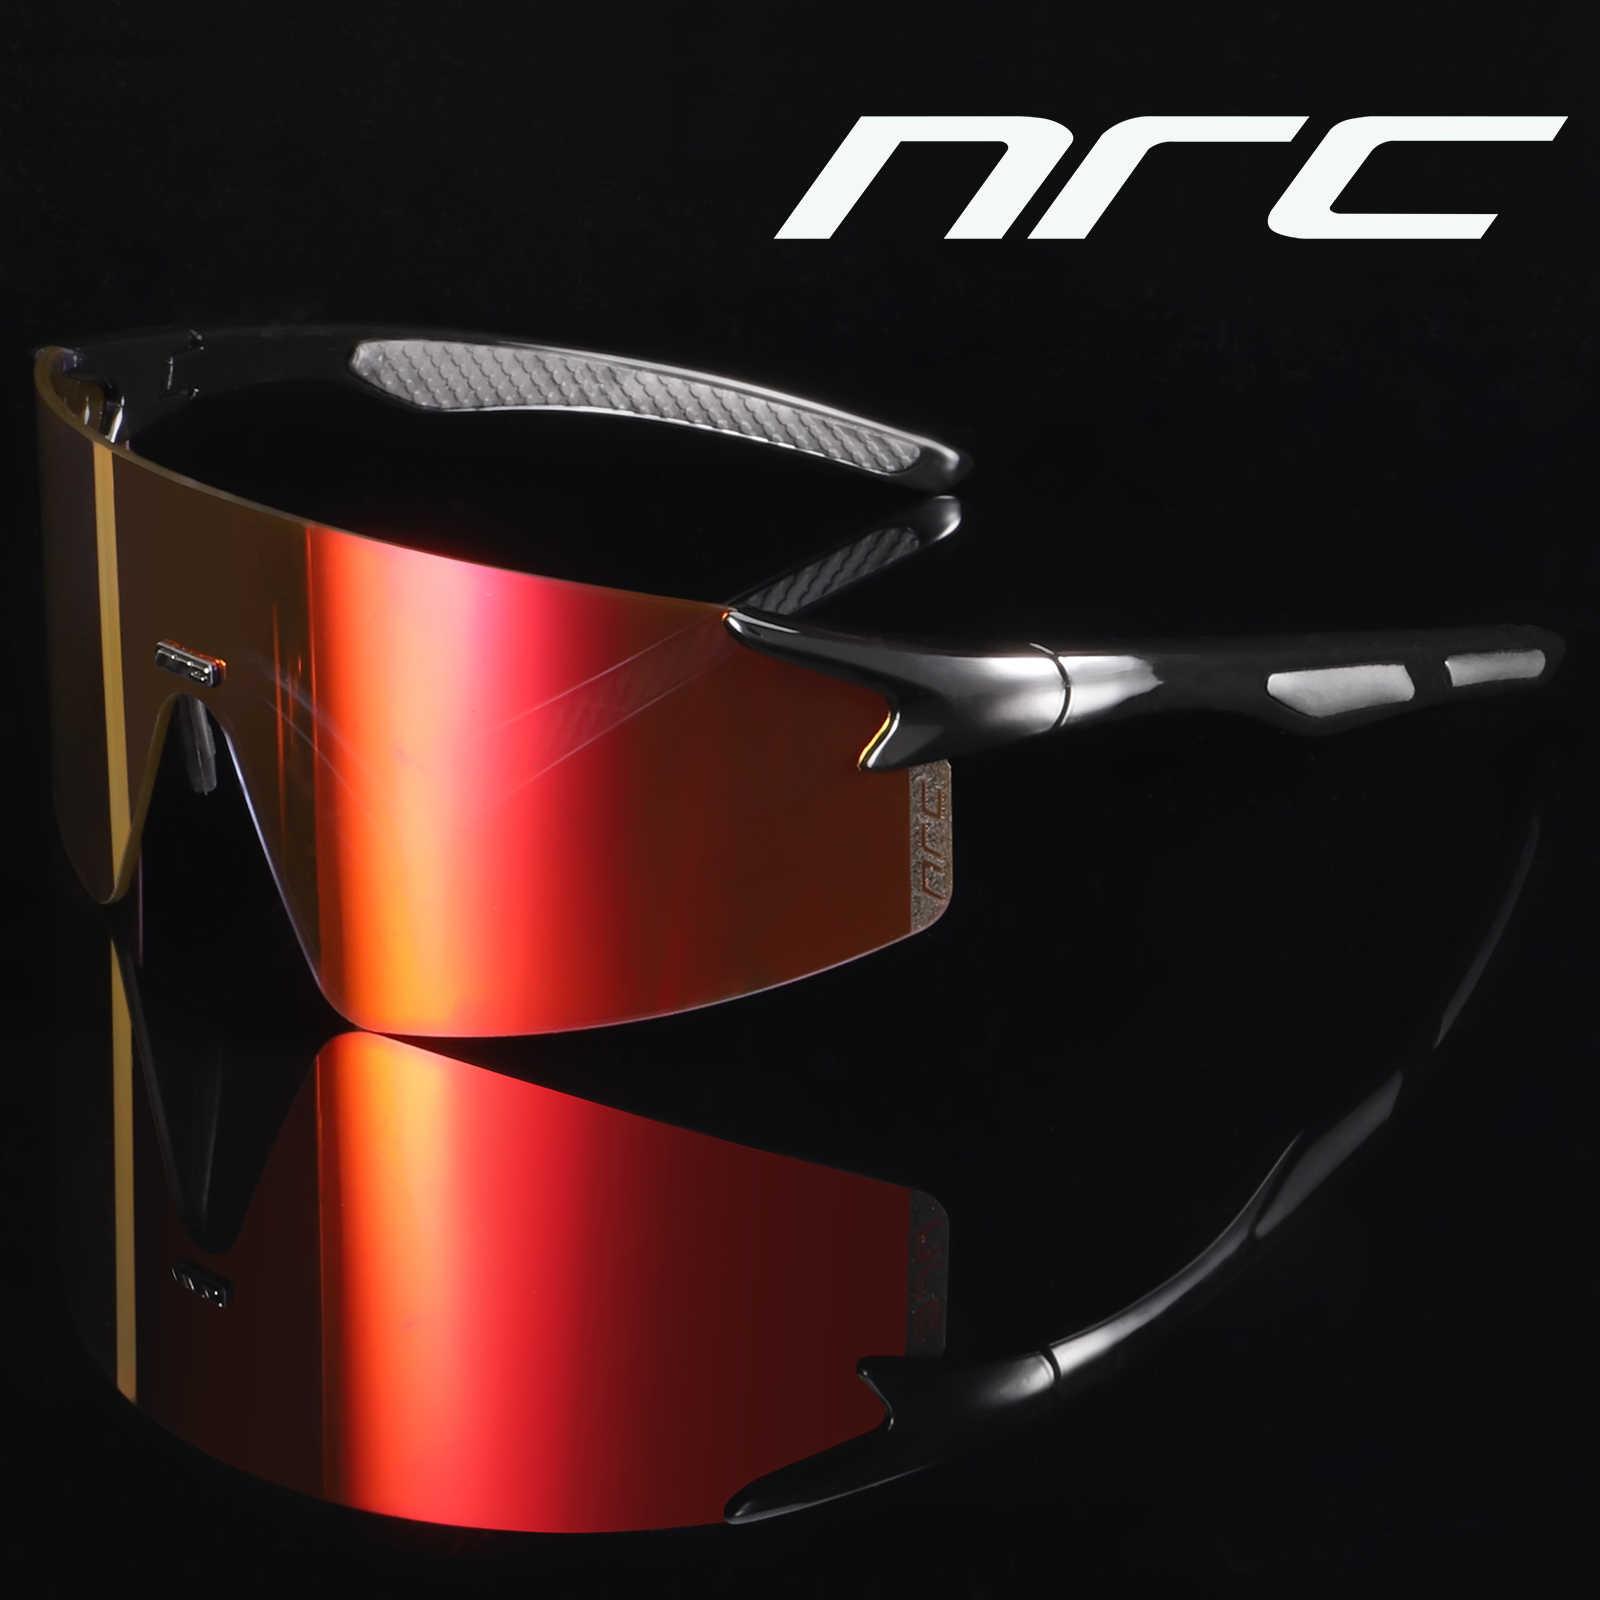 Велосипедные солнцезащитные очки NRC, спортивные велосипедные очки, очки для горного велосипеда, велосипедные аксессуары UV400, очки для улицы для мужчин и женщин